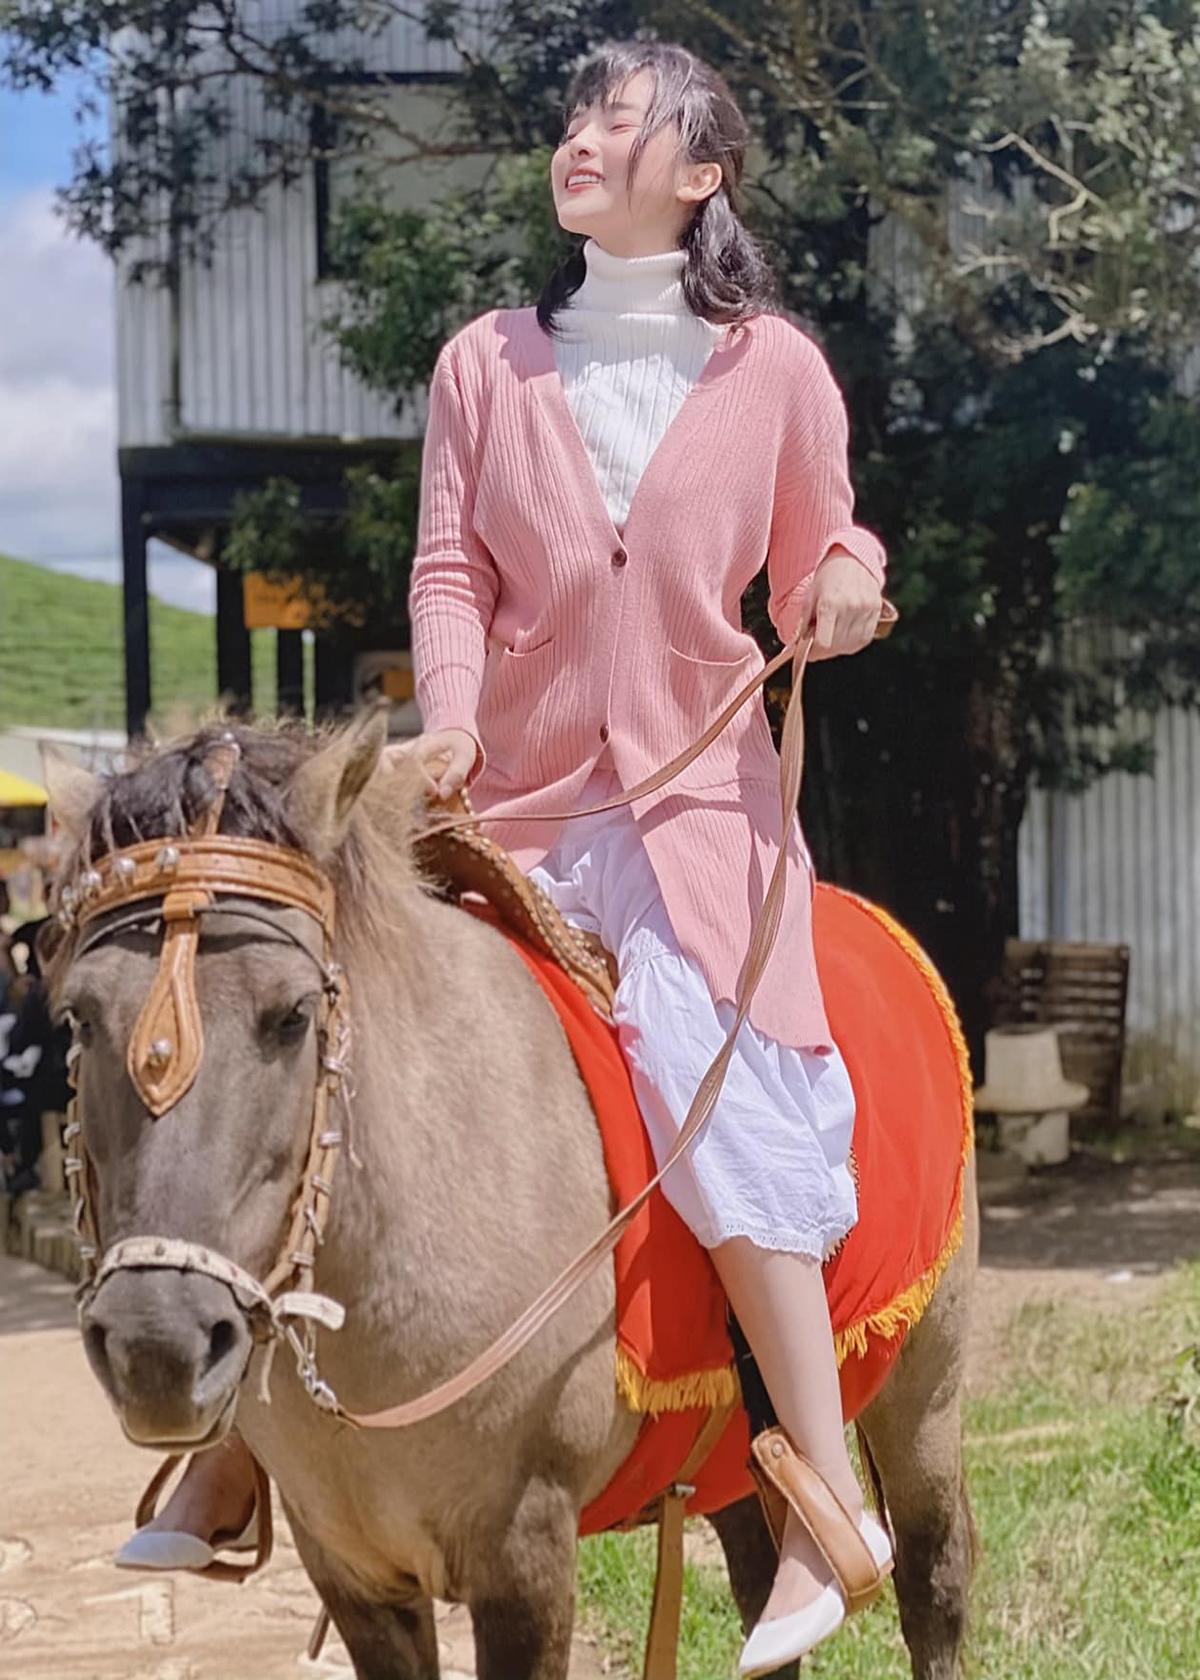 Những tông màu xinh xắn như trắng, hồng được Cao Thái Hà sử dụng nhiều trong đời thường, giúp cô tôn lên làn da trắng hồng.